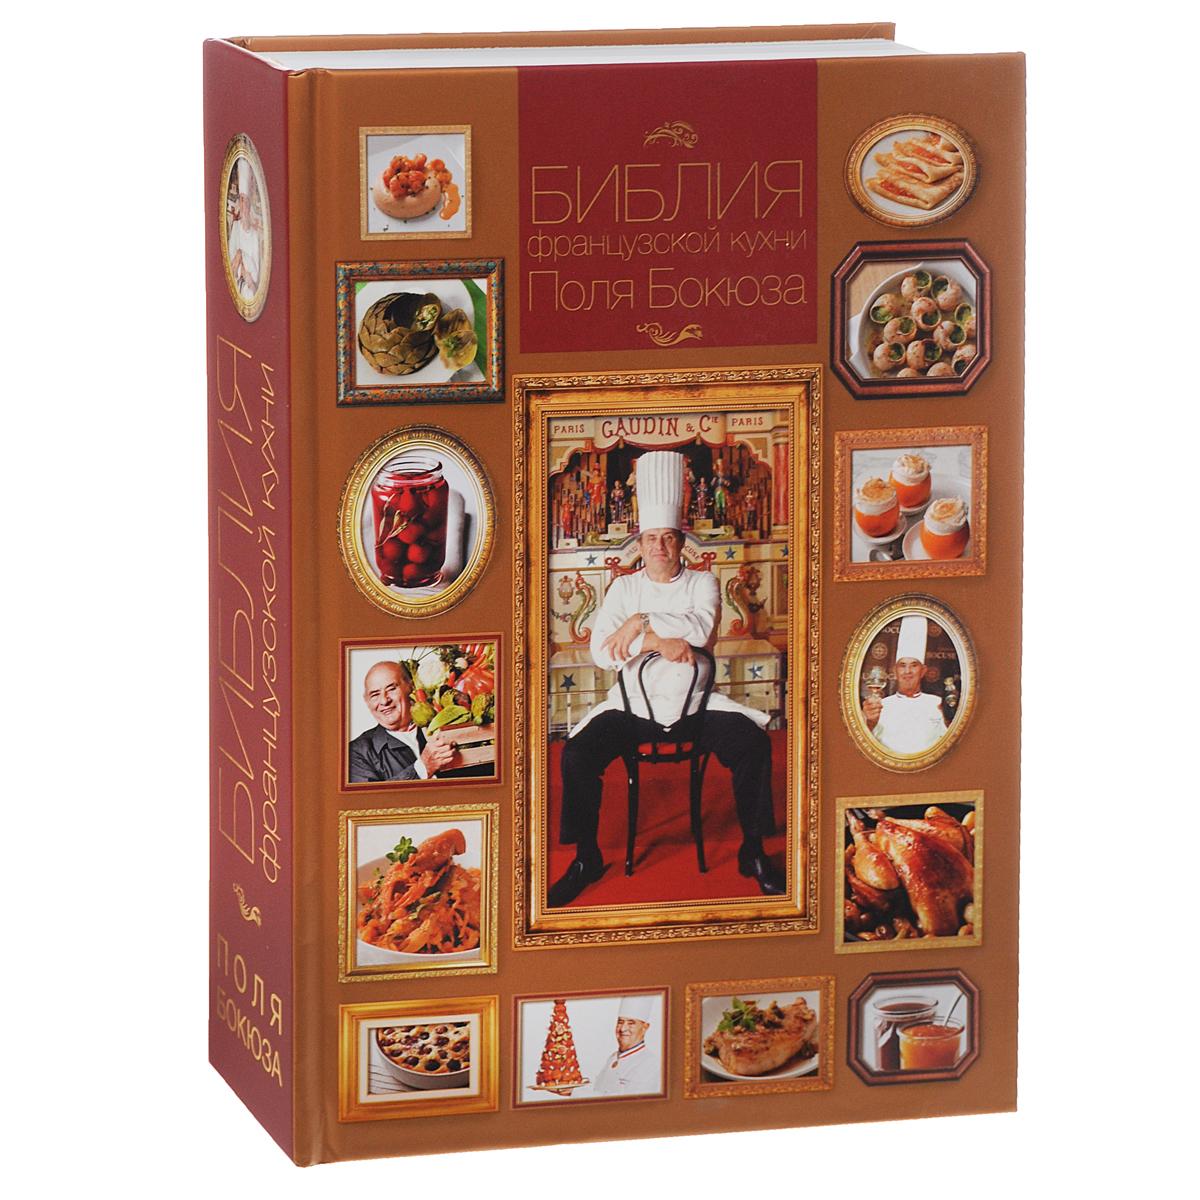 Поль Бокюз Библия французской кухни Поля Бокюза где можно игрушки в авто мишлен